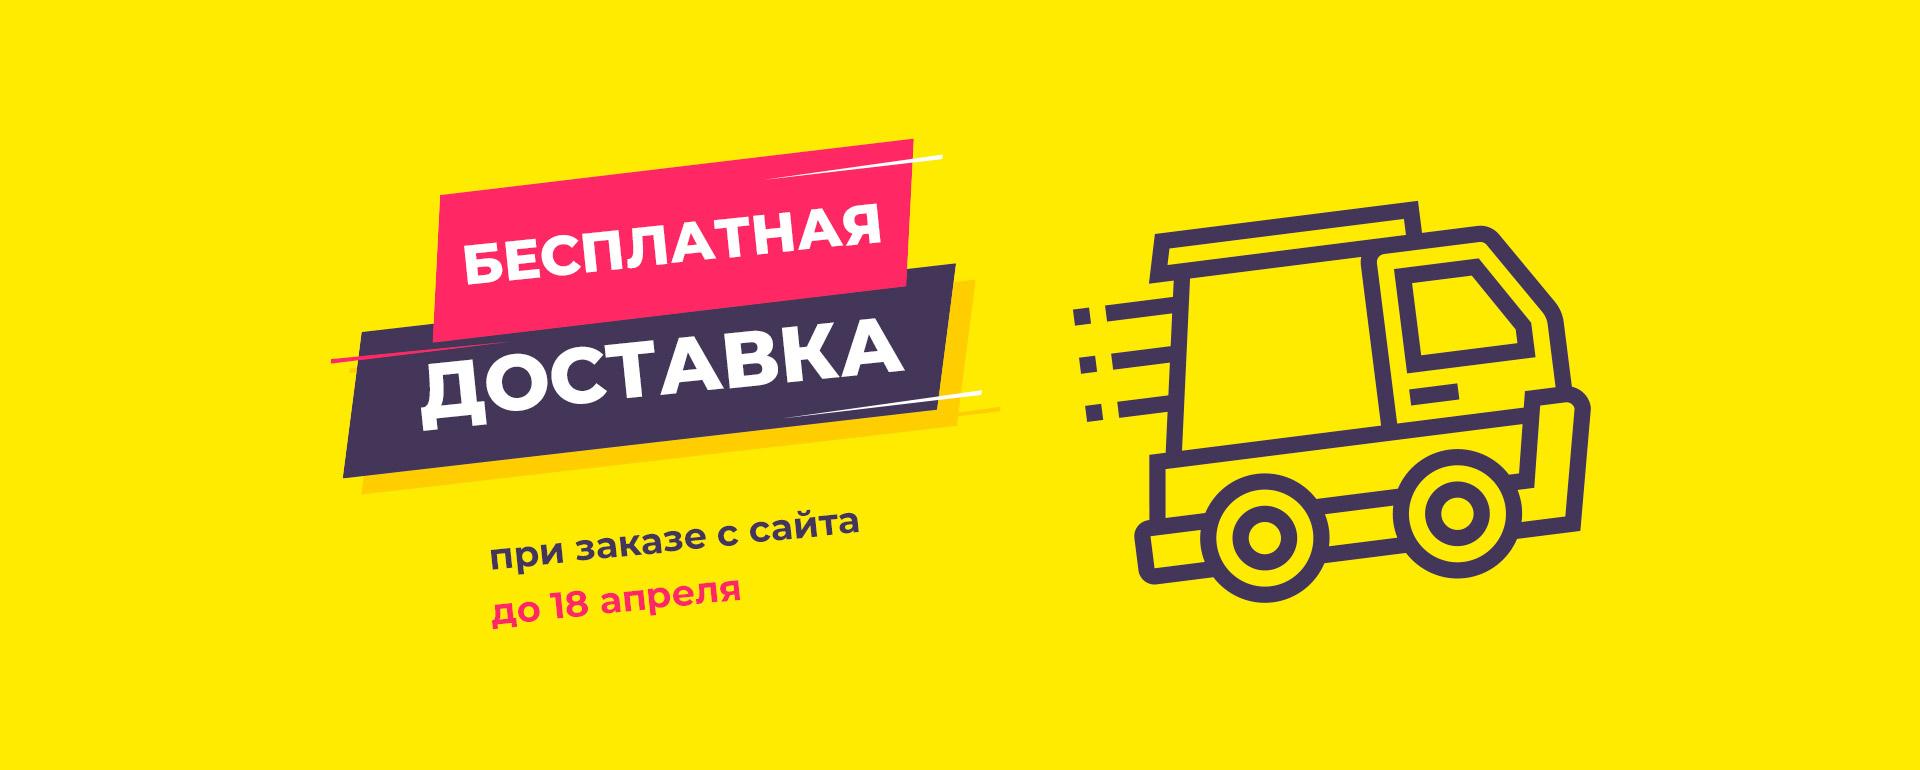 Бесплатная доставка - Севастополь